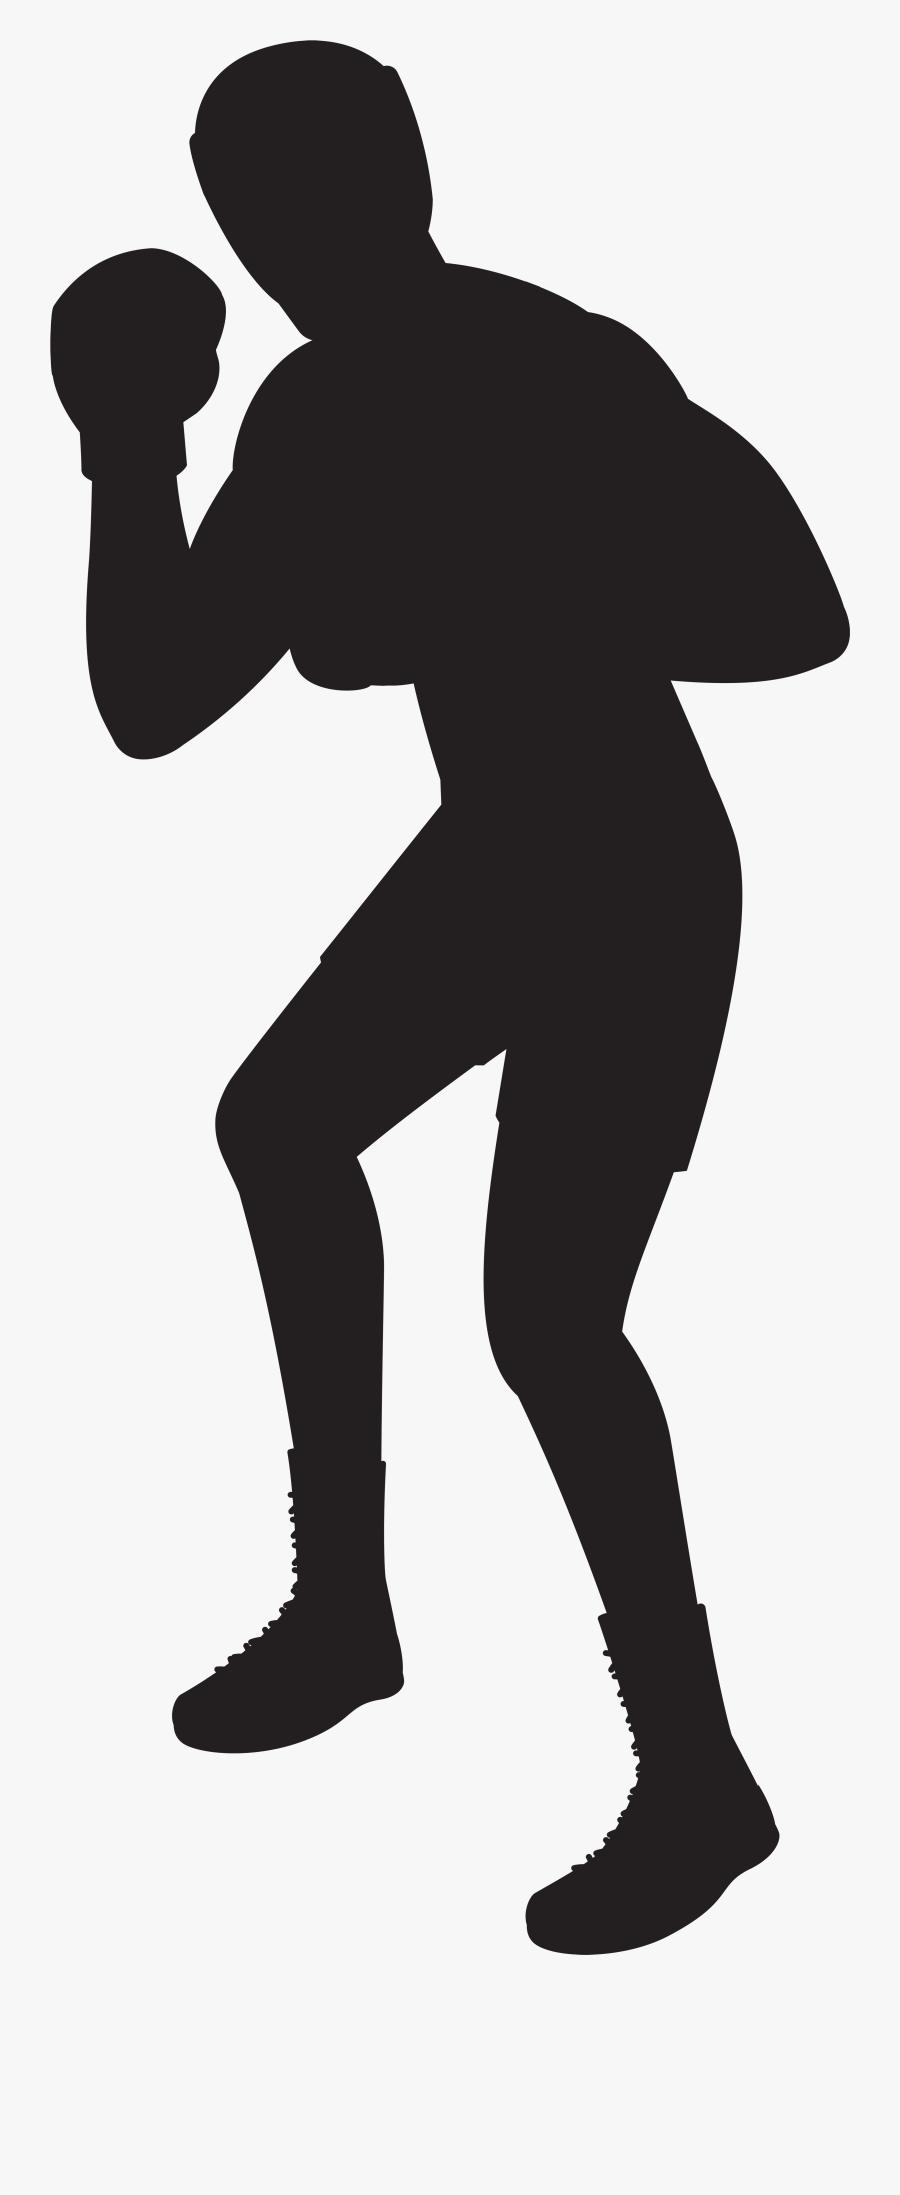 Transparent Silhouette Man Png - Transparent Boxing Clip Art, Transparent Clipart